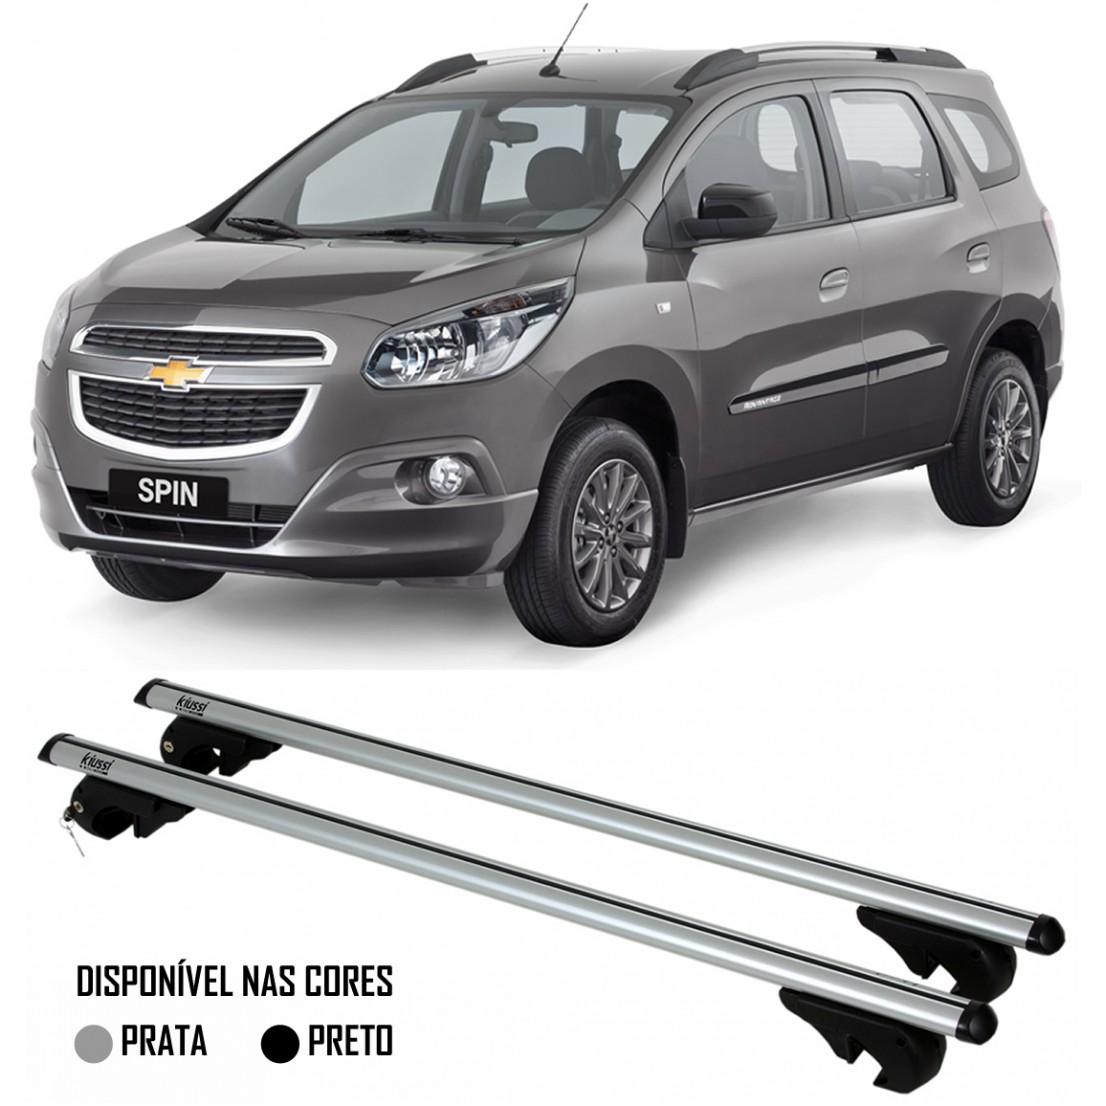 Rack Travessa Chevrolet Spin 2013 2014 2015 - Kiussi Belluno XL 130cm Alumínio Com Chave 50KG - Preto / Prata